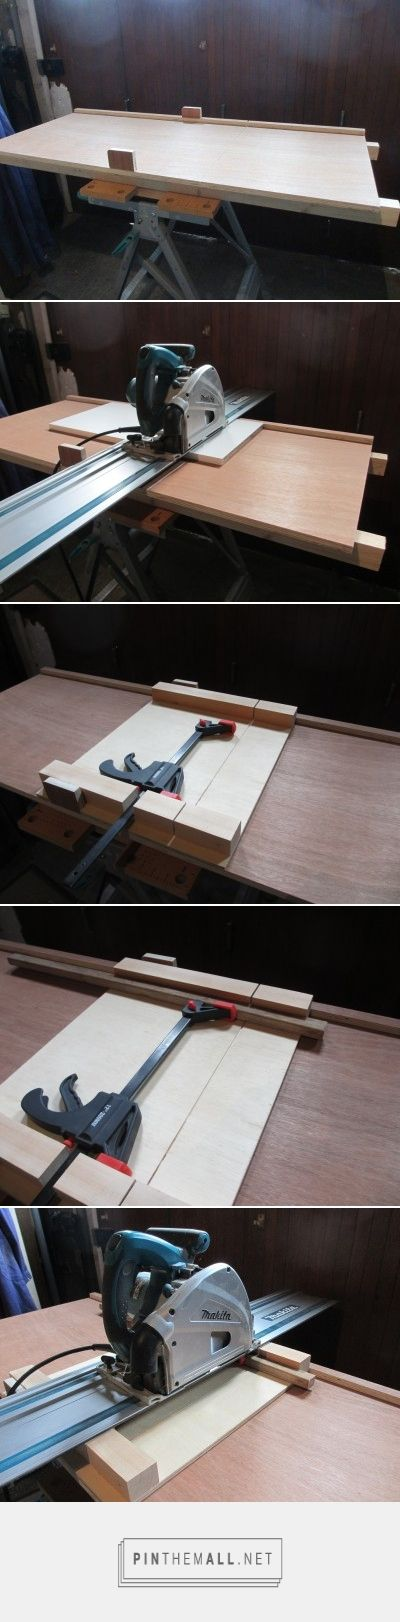 plus de 25 id es uniques dans la cat gorie table de sciage. Black Bedroom Furniture Sets. Home Design Ideas